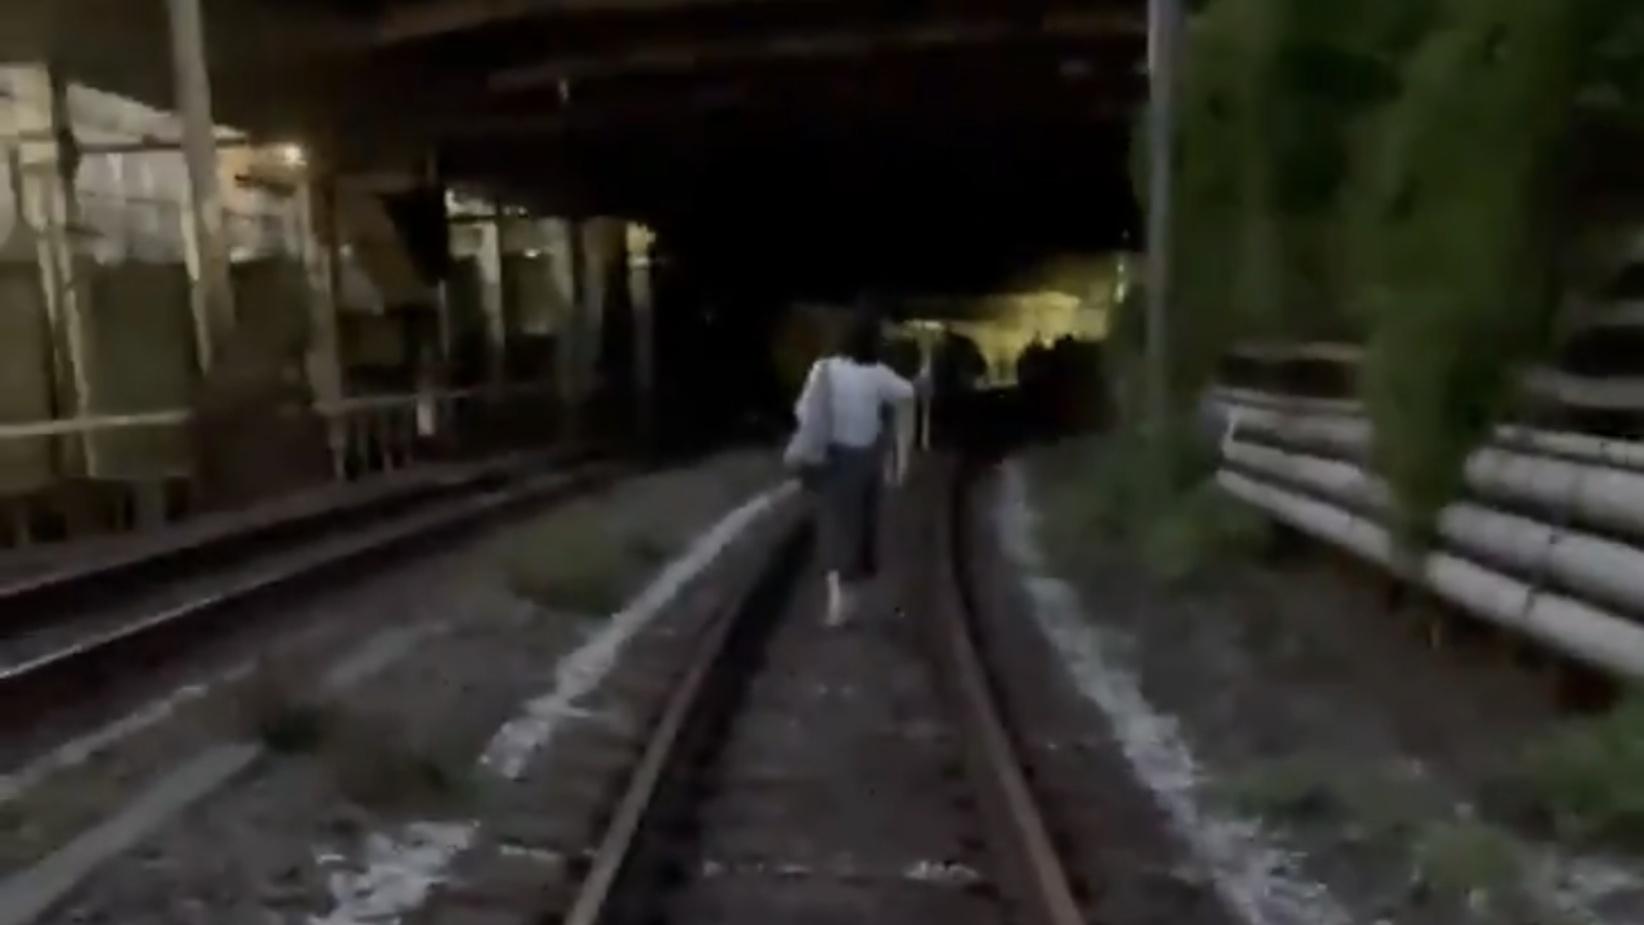 【変電所故障】車内に取り残されていた乗客が山手線の線路を歩くことに